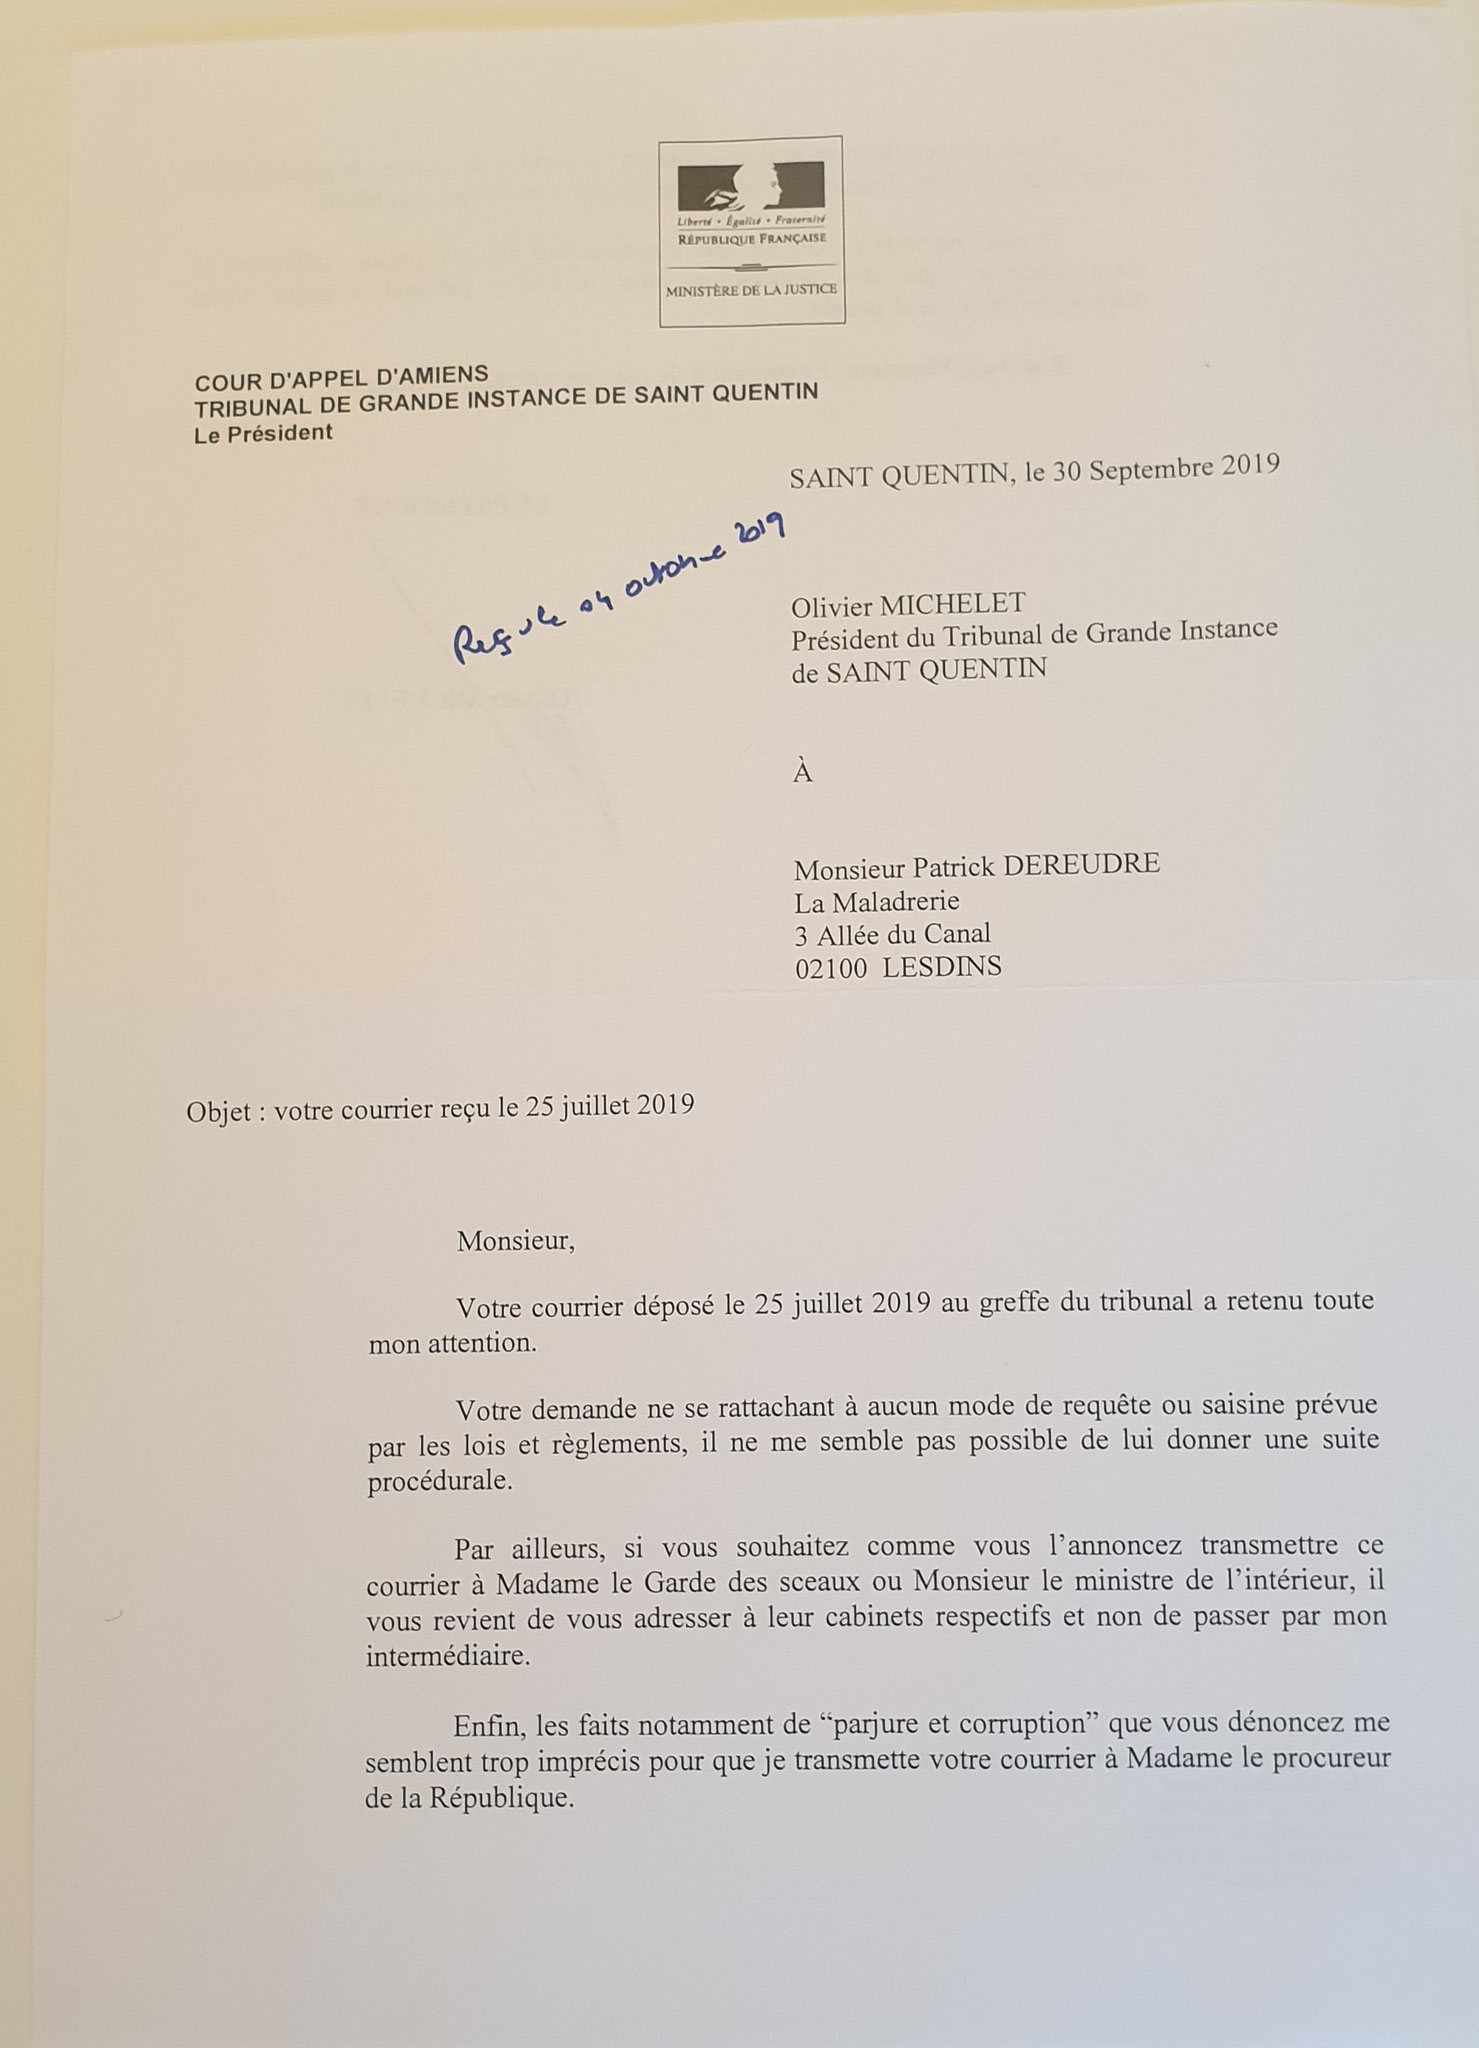 Réponse inacceptable &  tardive du 30 septembre 2019 de Monsieur O MICHELET le Président du Tribunal de Grande Instance de Saint-QUENTIN (NON ASSISTANCE A PERSONNE EN DANGER) Car Je suis victime des MAFIAS en bande Organisée au Coeur même de la République